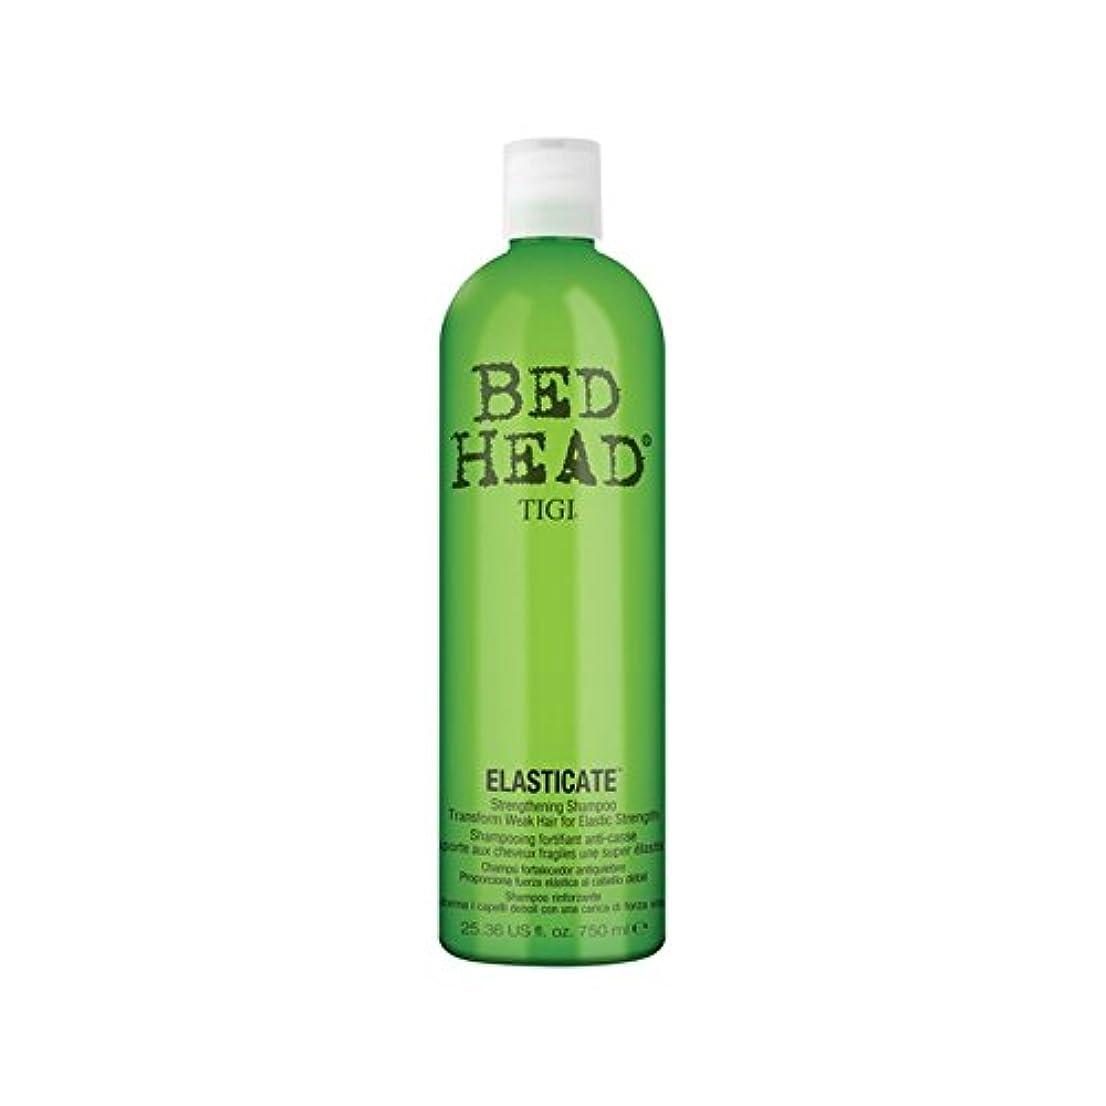 ゴシップタクシークレアティジーベッドヘッドシャンプー(750ミリリットル) x2 - Tigi Bed Head Elasticate Shampoo (750ml) (Pack of 2) [並行輸入品]